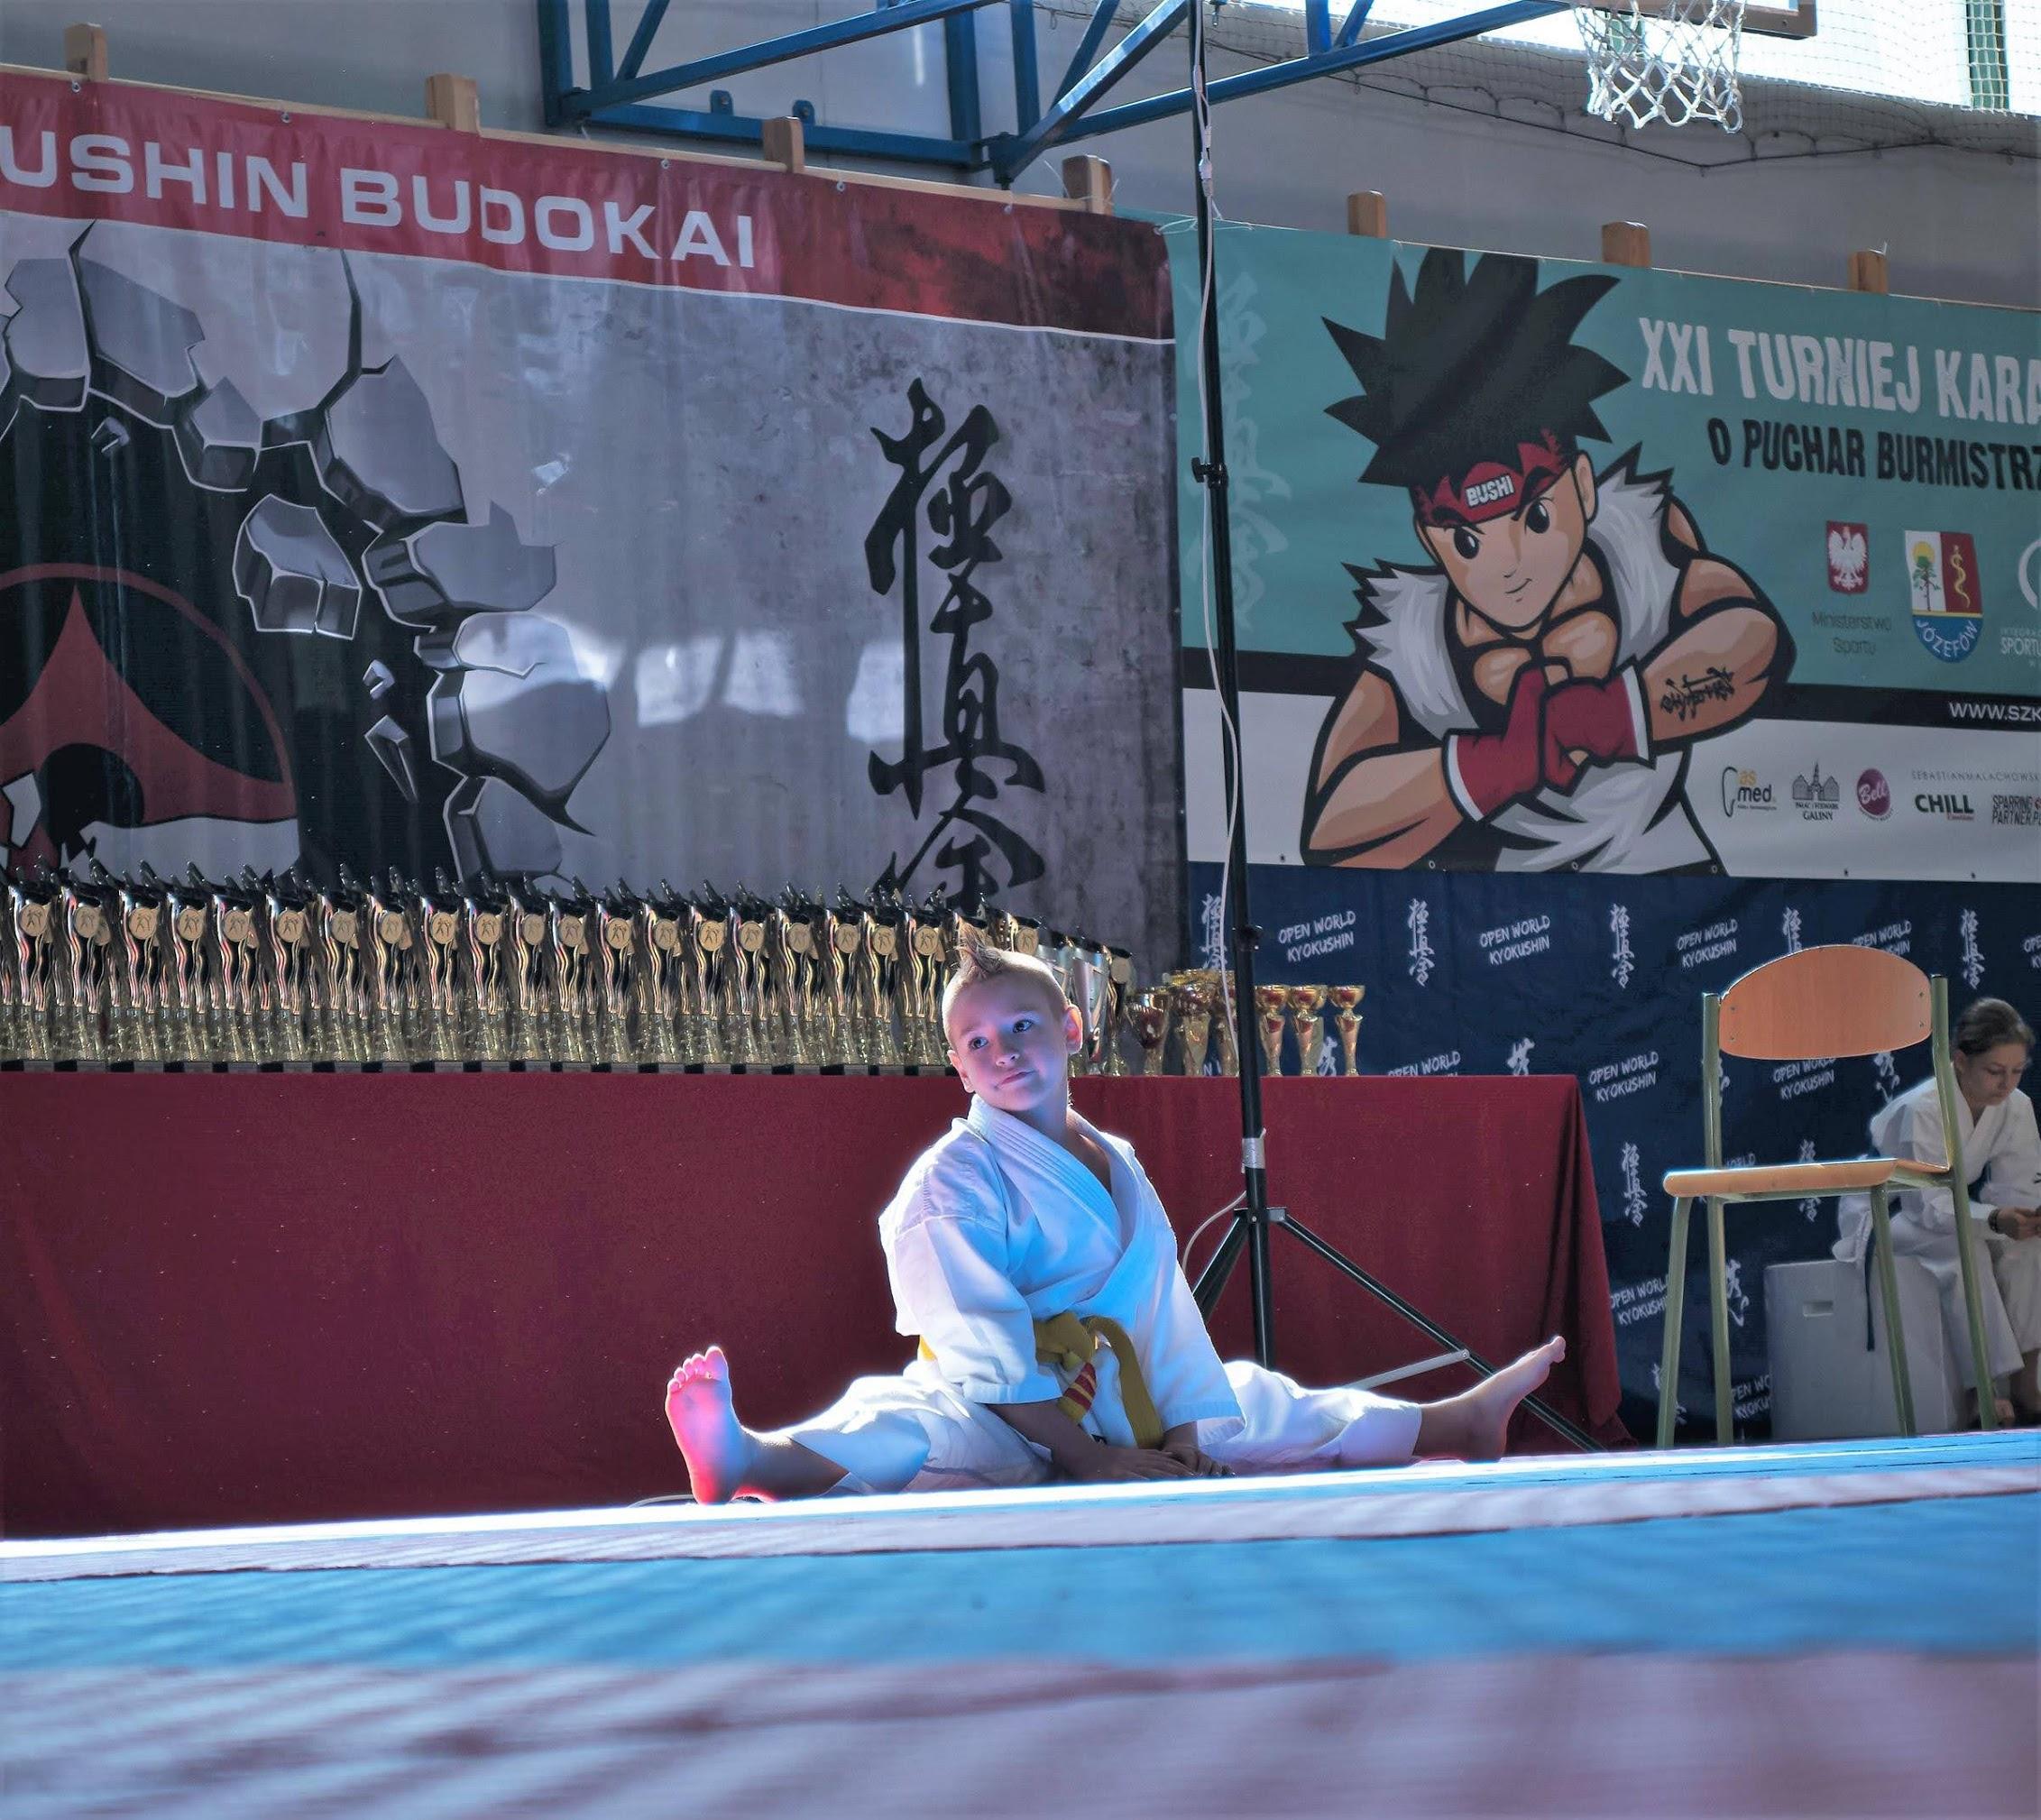 21 Turnieju Karate Kyokushin o Puchar Burmistrza Józefowa